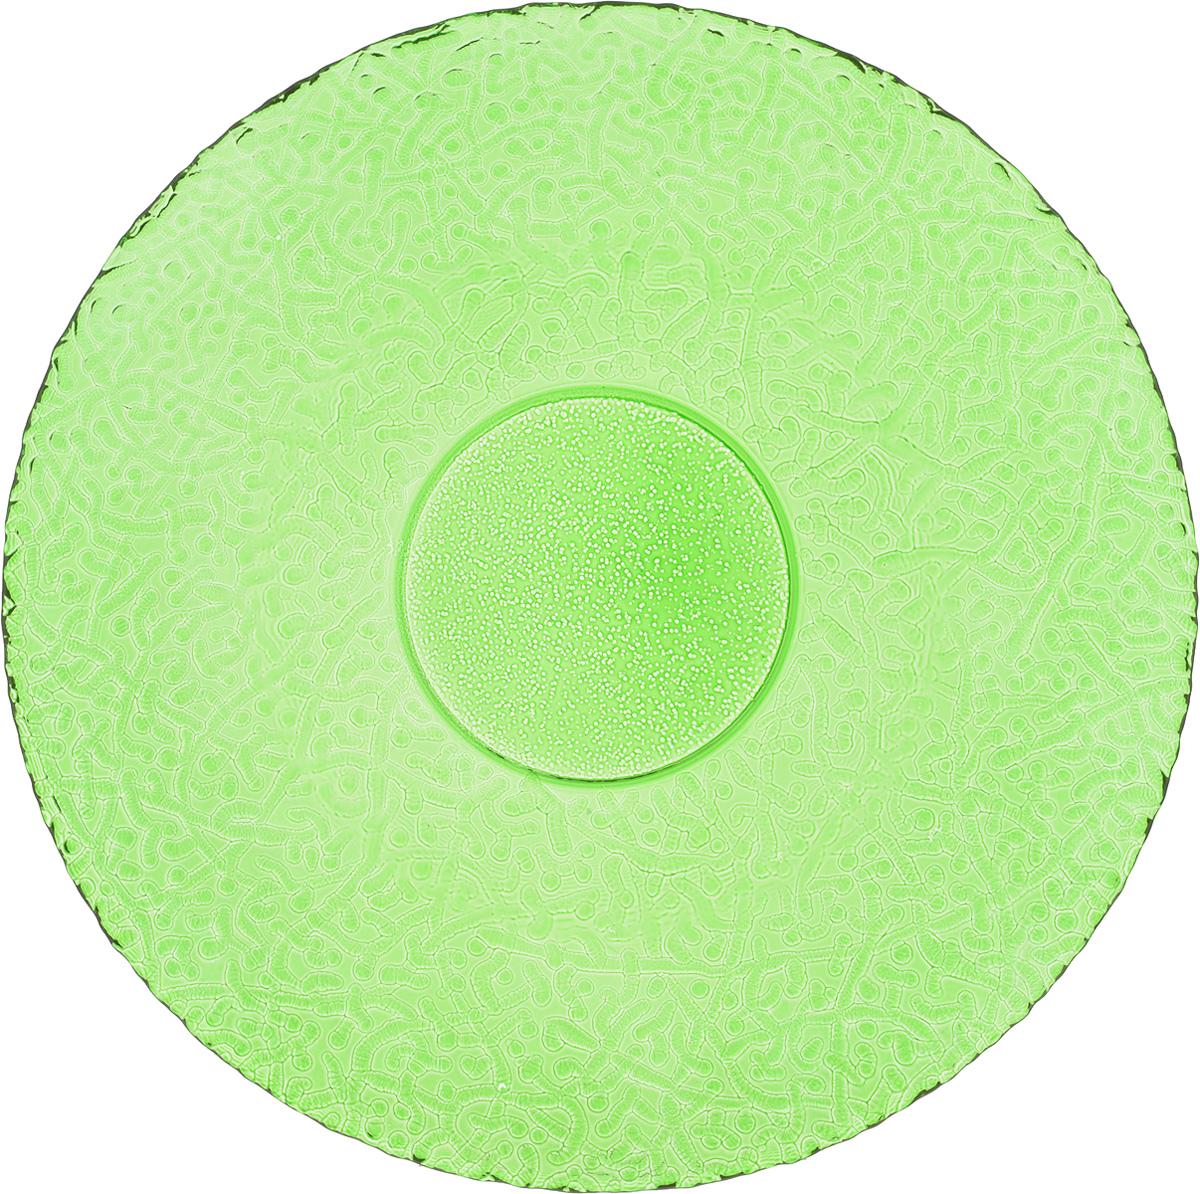 Тарелка NiNaGlass Ажур, цвет: зеленый, диаметр 26 см54 009312Тарелка NiNaGlass Ажур выполнена из высококачественного стекла и имеет рельефную внешнюю поверхность. Она прекрасно впишется в интерьер вашей кухни и станет достойным дополнением к кухонному инвентарю. Тарелка NiNaGlass Ажур подчеркнет прекрасный вкус хозяйки и станет отличным подарком.Диаметр тарелки: 26 см.Высота: 3 см.